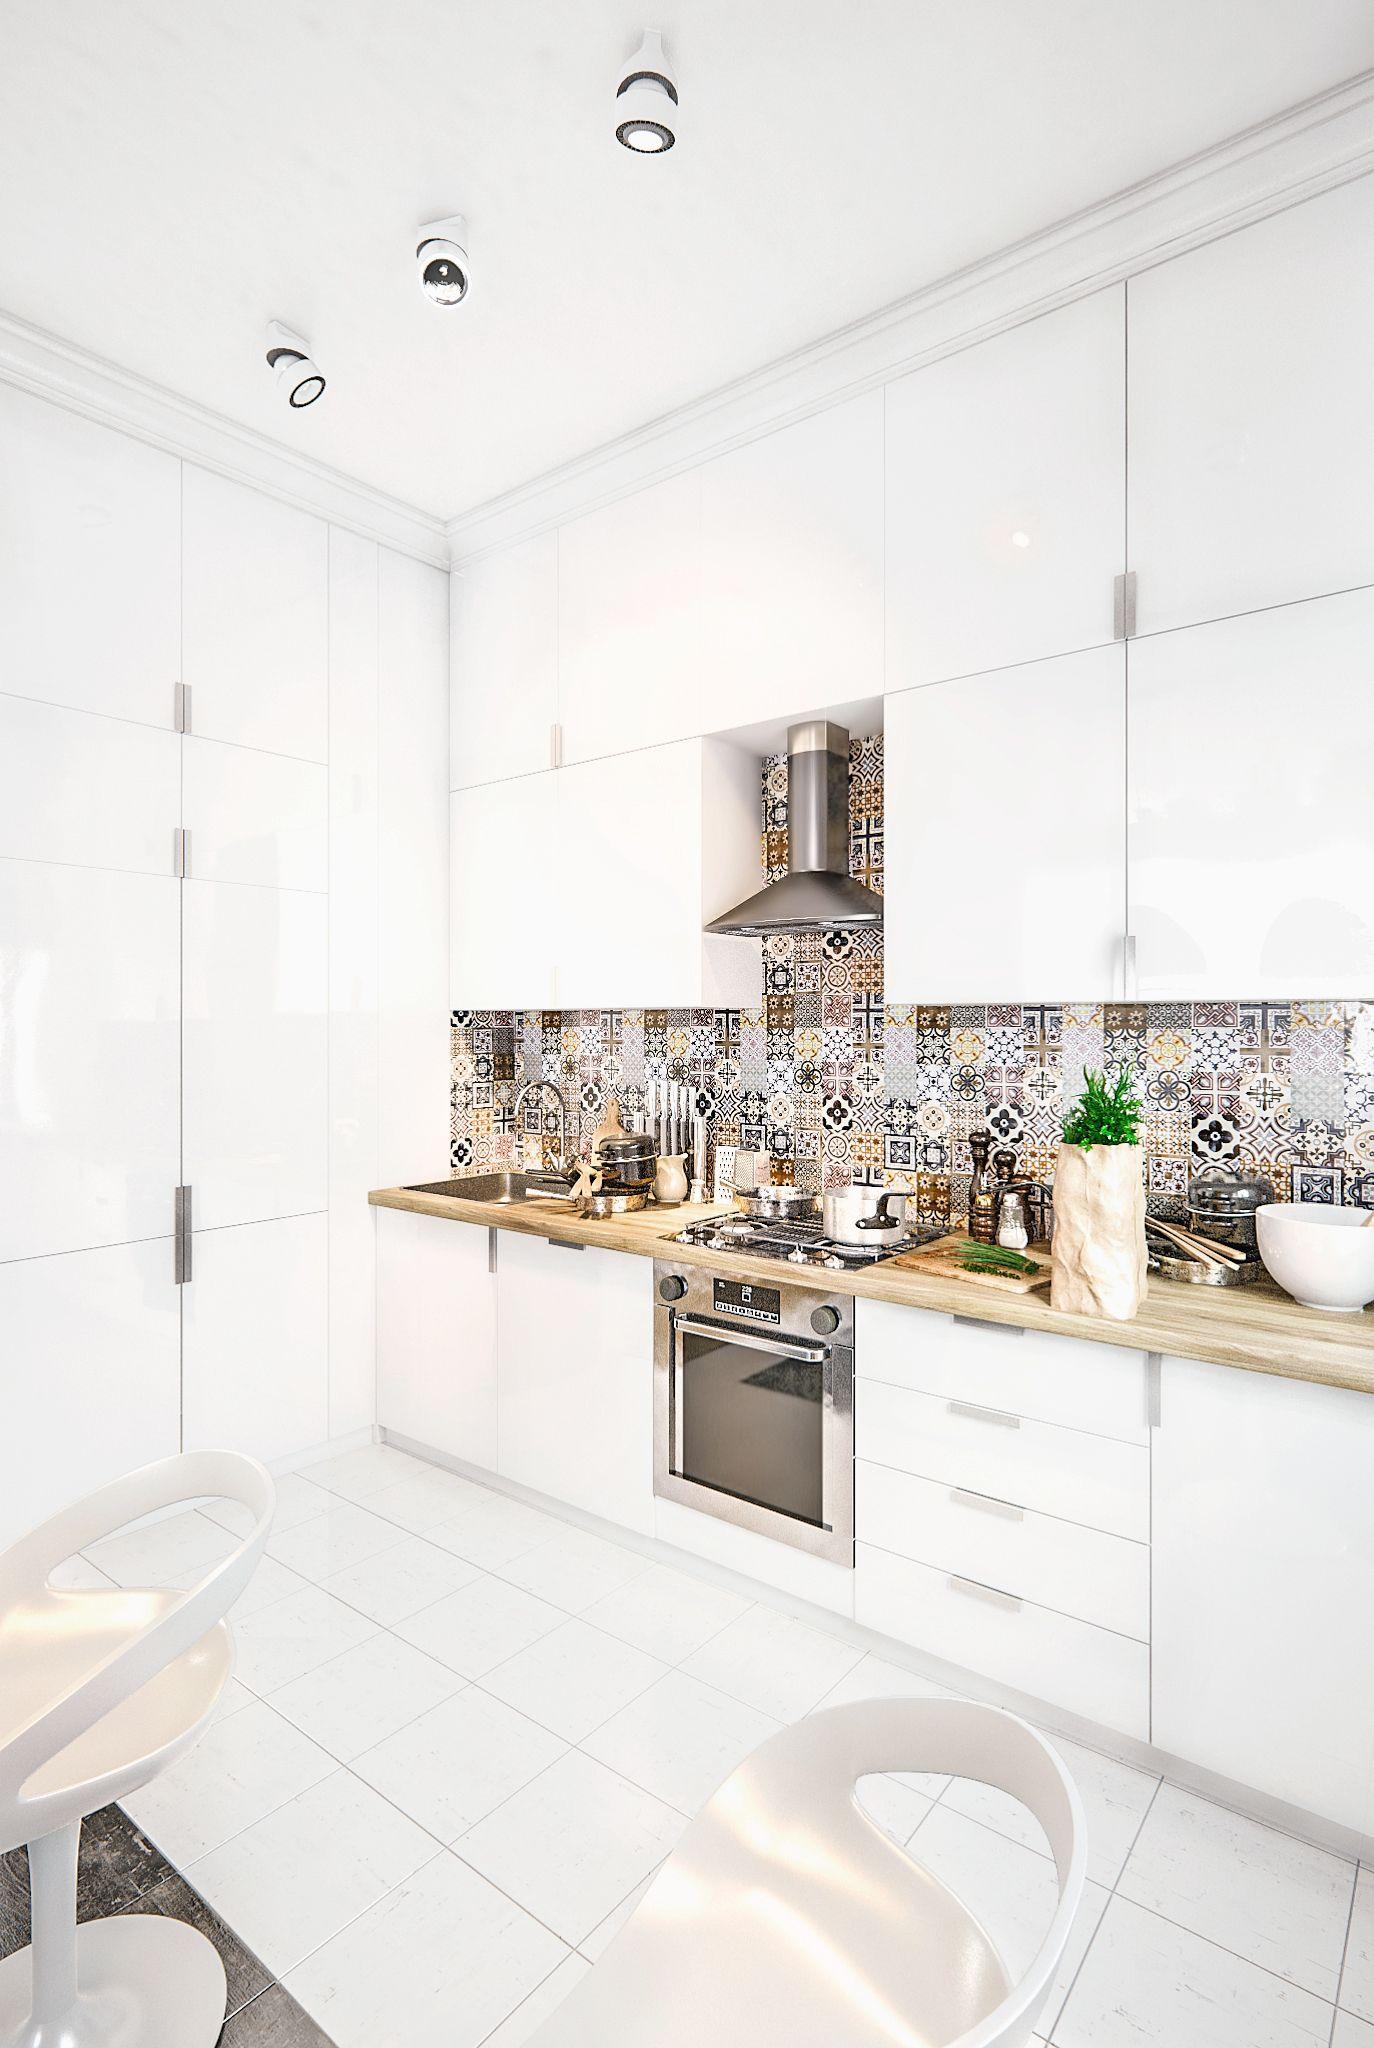 Кухня в скандинавском стиле - Галерея 3ddd.ru | моя кухня ...